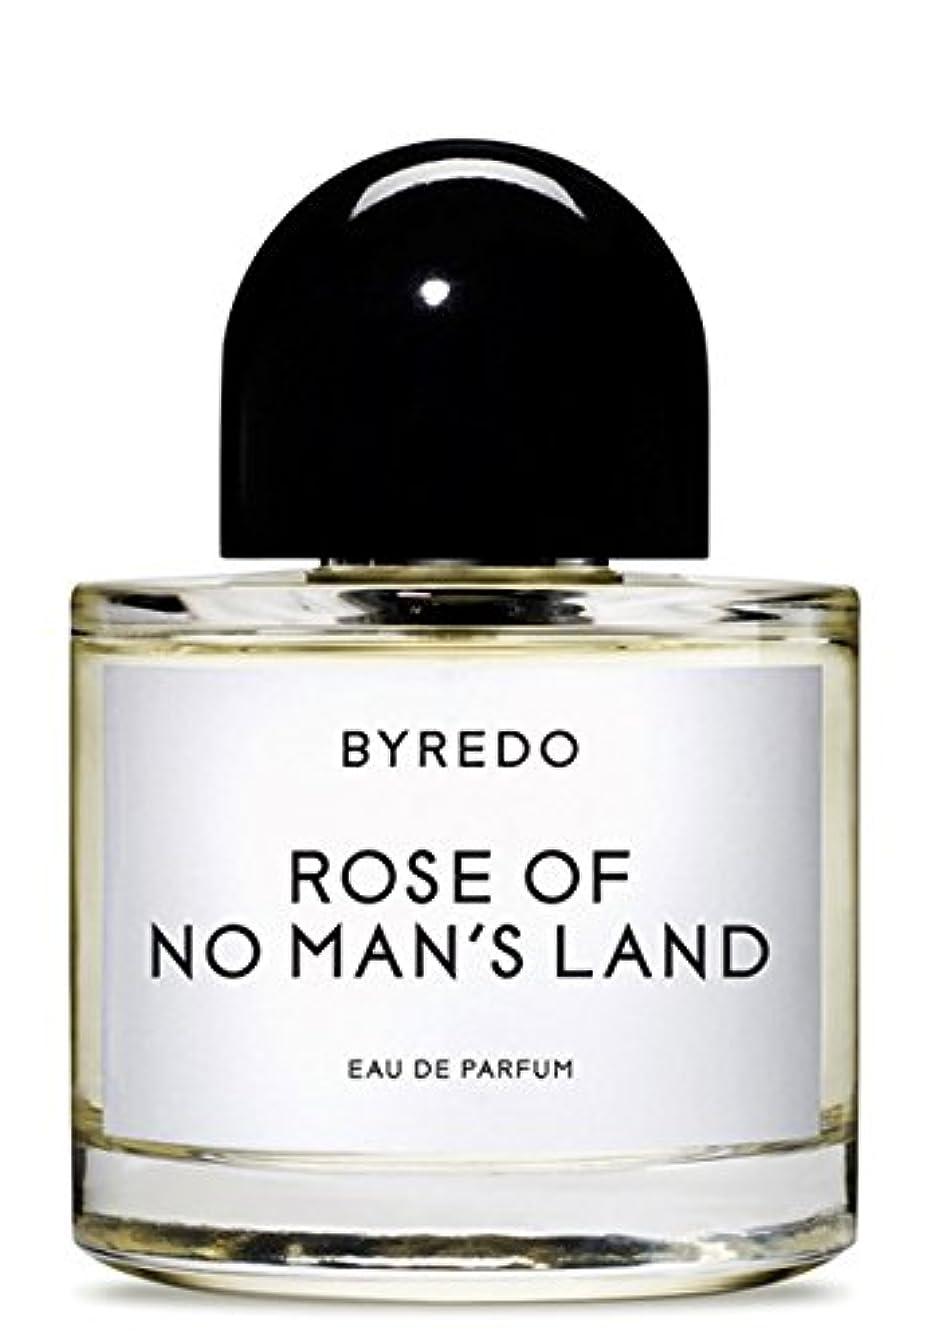 突然の前置詞キッチンByredo Rose of No Man's Land (バレード ローズ オブ ノー マンズ ランド) 1.7 oz (50ml) EDP Spray